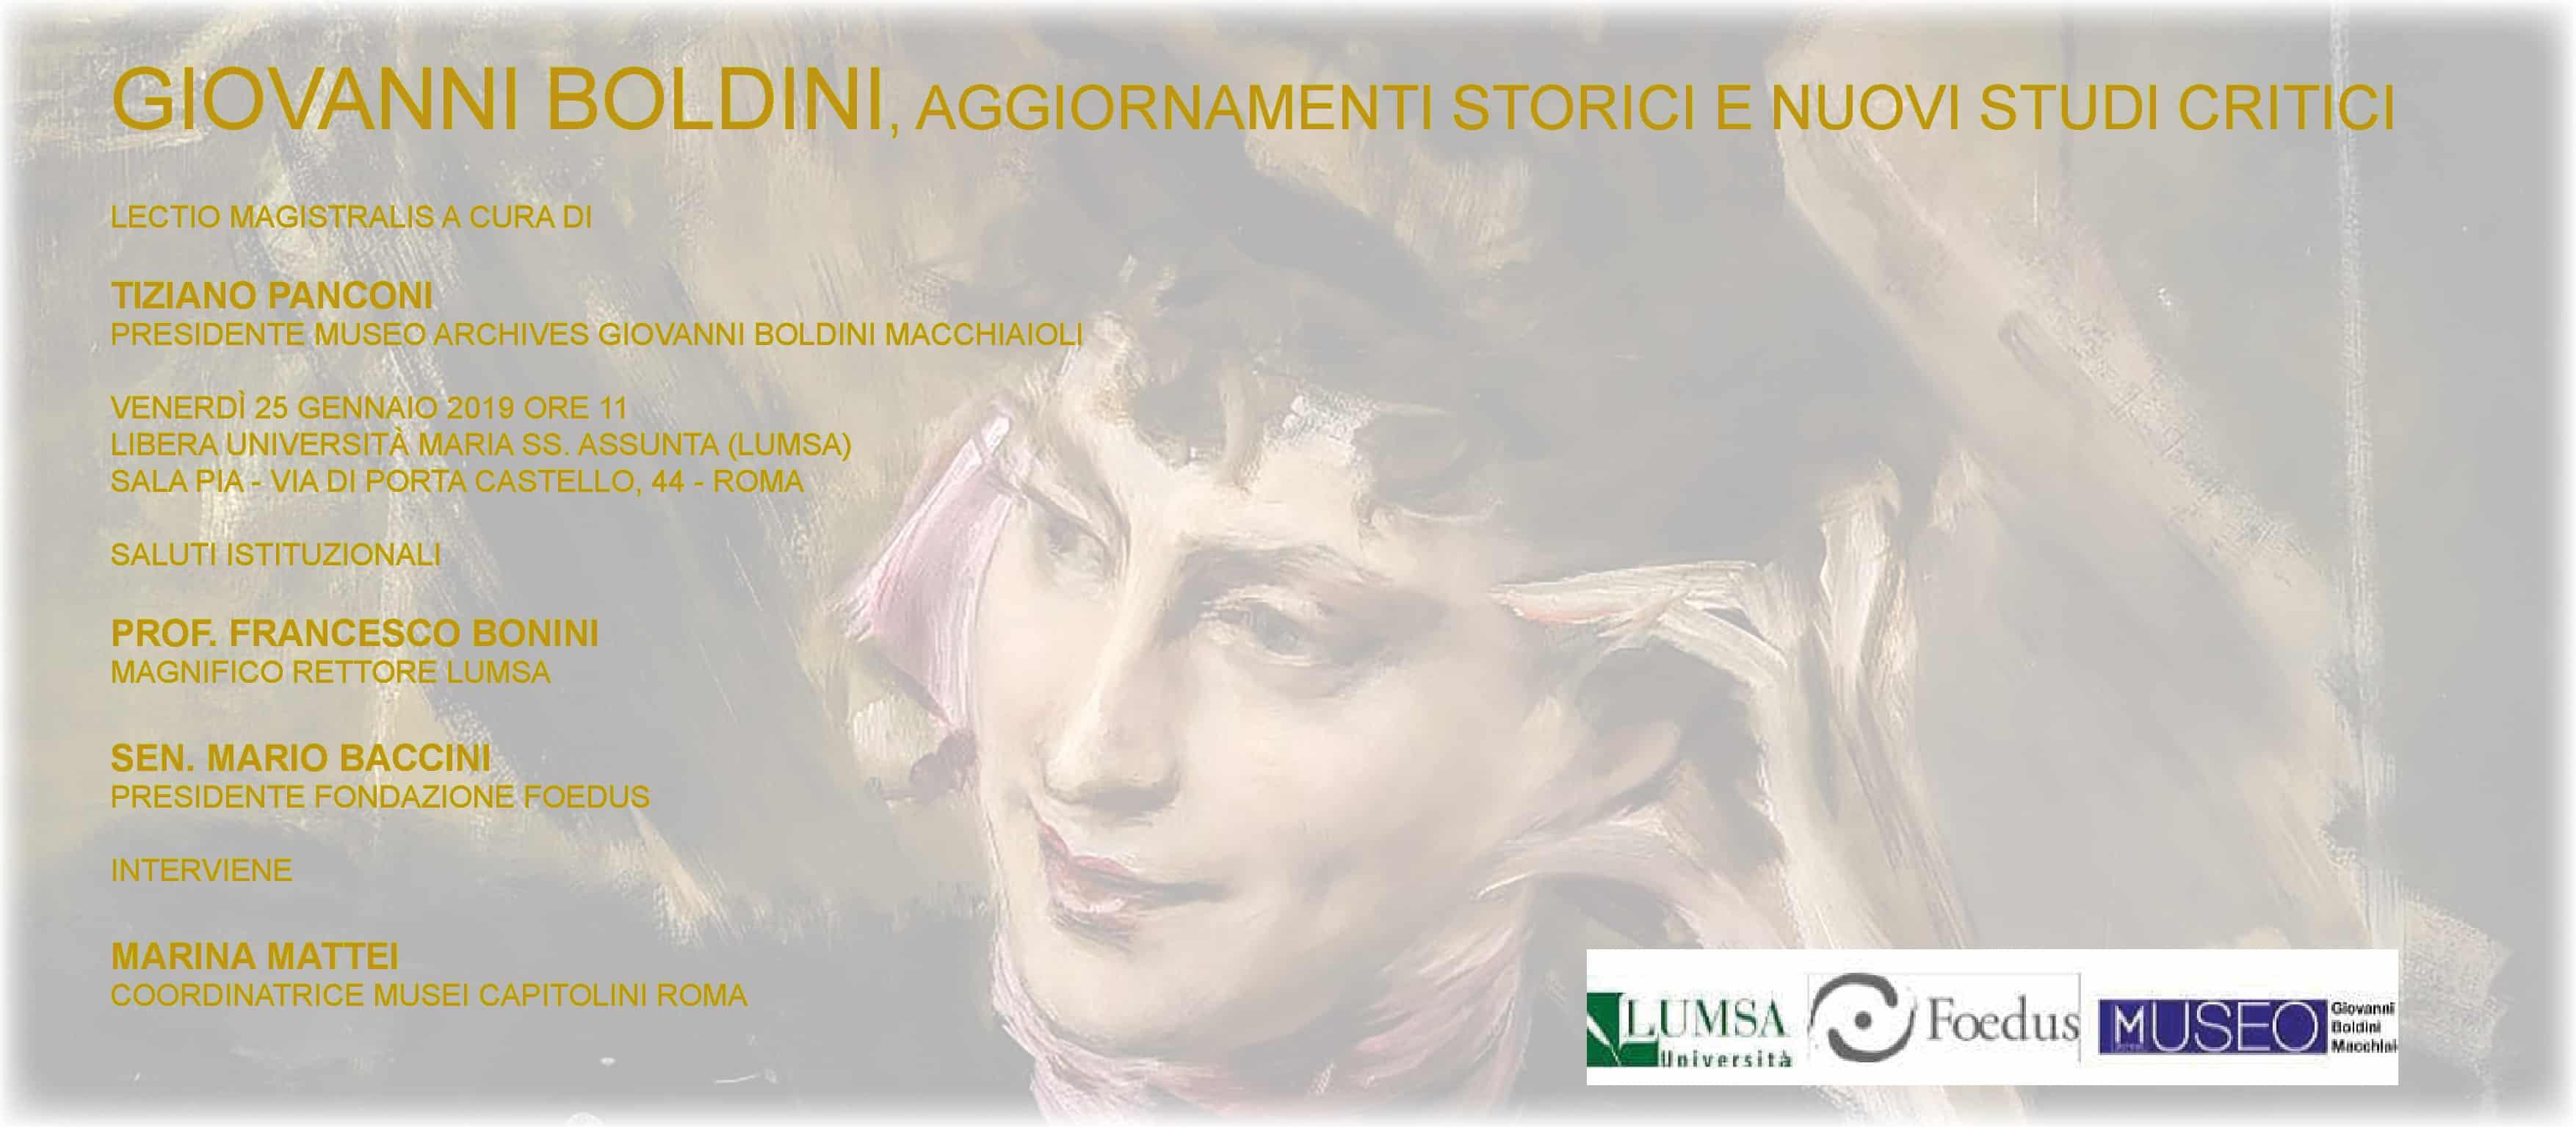 Giovanni Boldini - aggiornamenti storici e nuovi studi critici